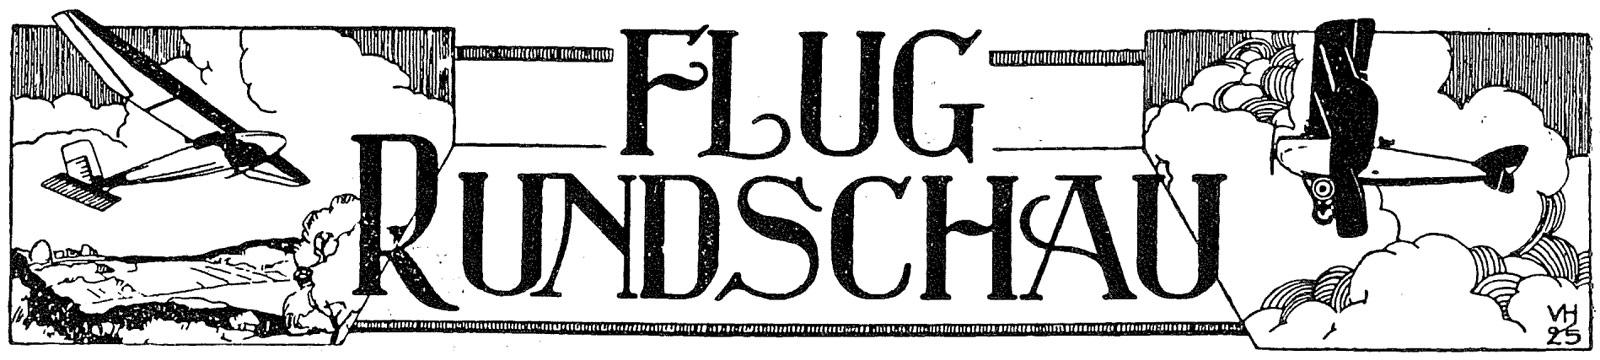 Berichte aus dem Führerhauptquartier über den Verlauf des Zweiten Weltkrieges vom Deutschen Nachrichtenbüro im Dritten Reich